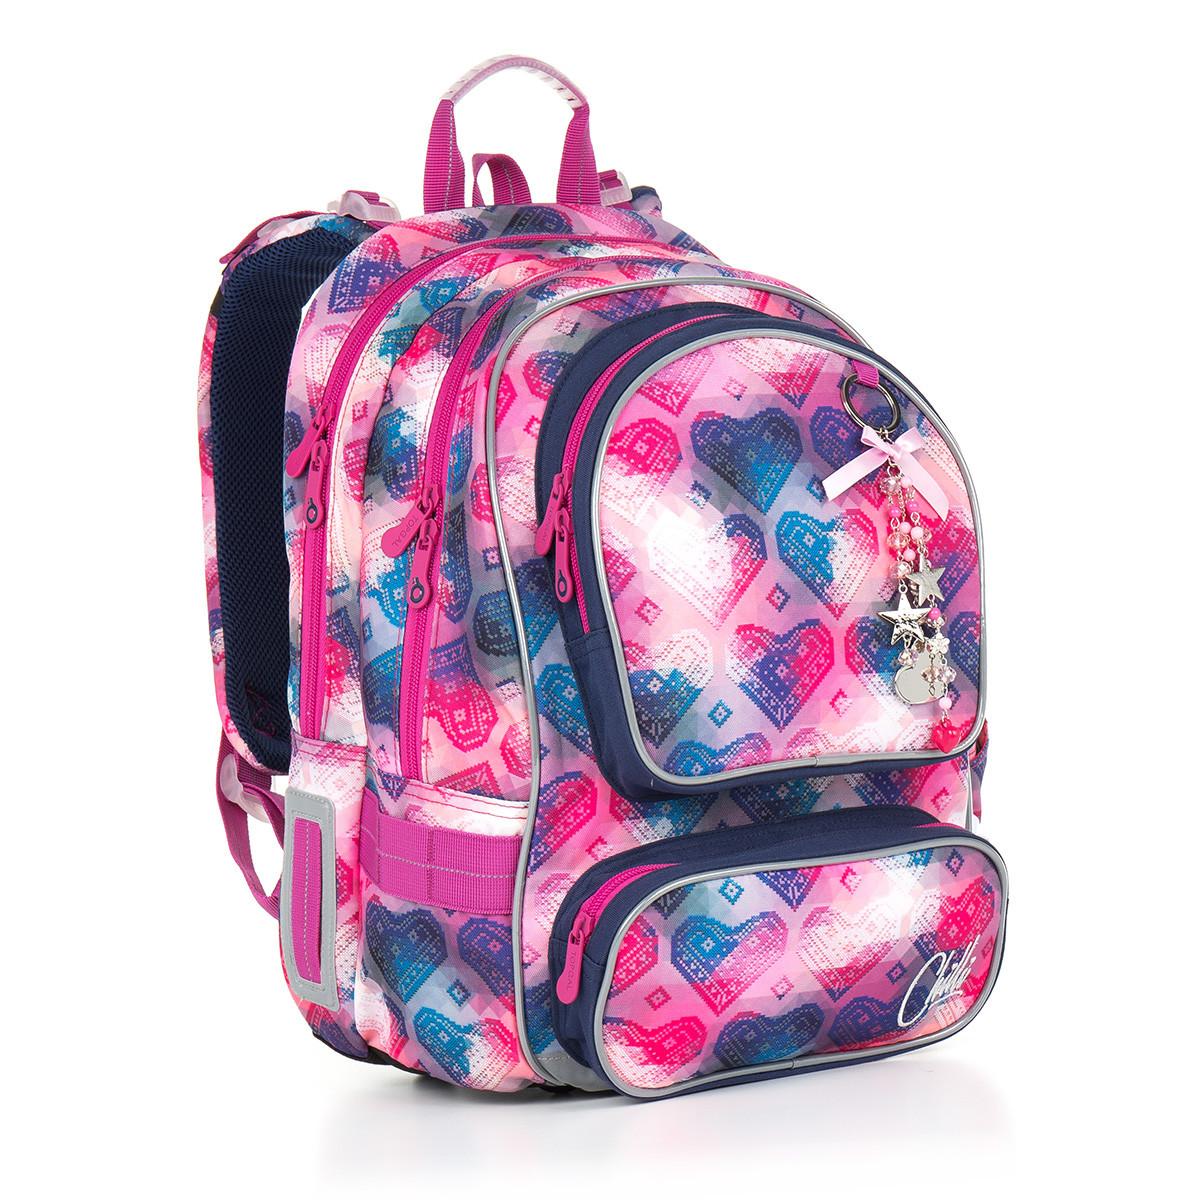 Školní batoh Topgal - CHI 869 H - Pink  02f5d6f596